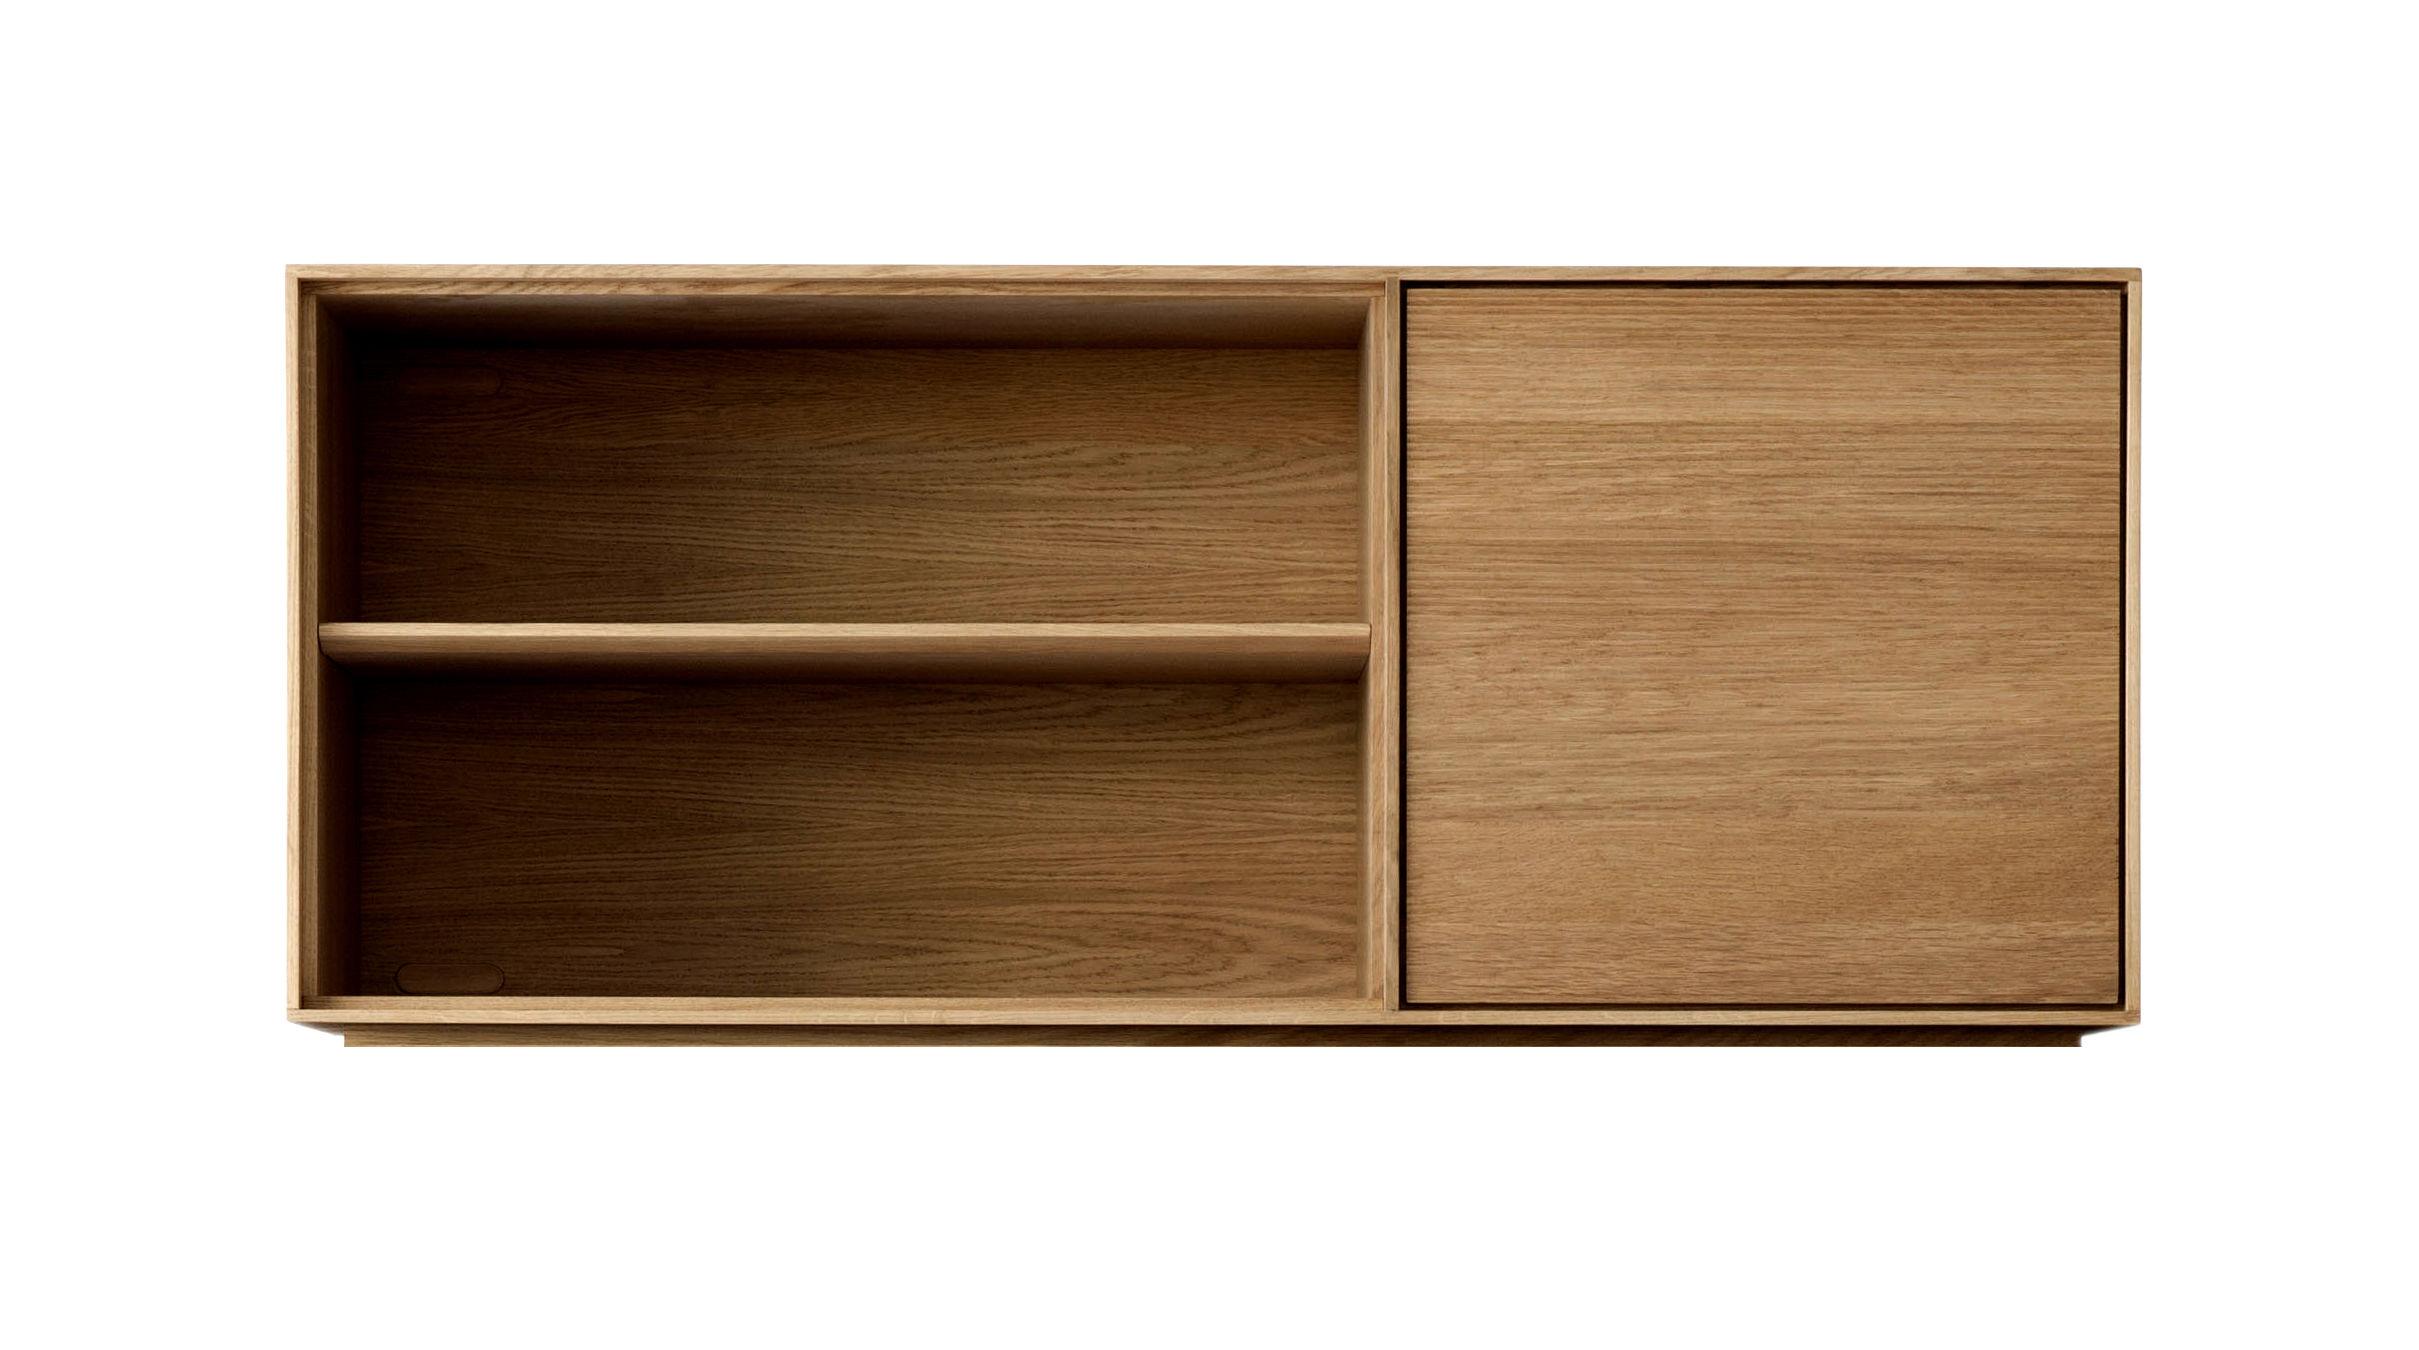 Möbel - Kommode und Anrichte - Modulo Stapelbare Regal-Module / Mittelelement - L 130 cm / Tür rechts + 2 Regalfächer - Ercol - Mittelelement / Eiche - massive Eiche